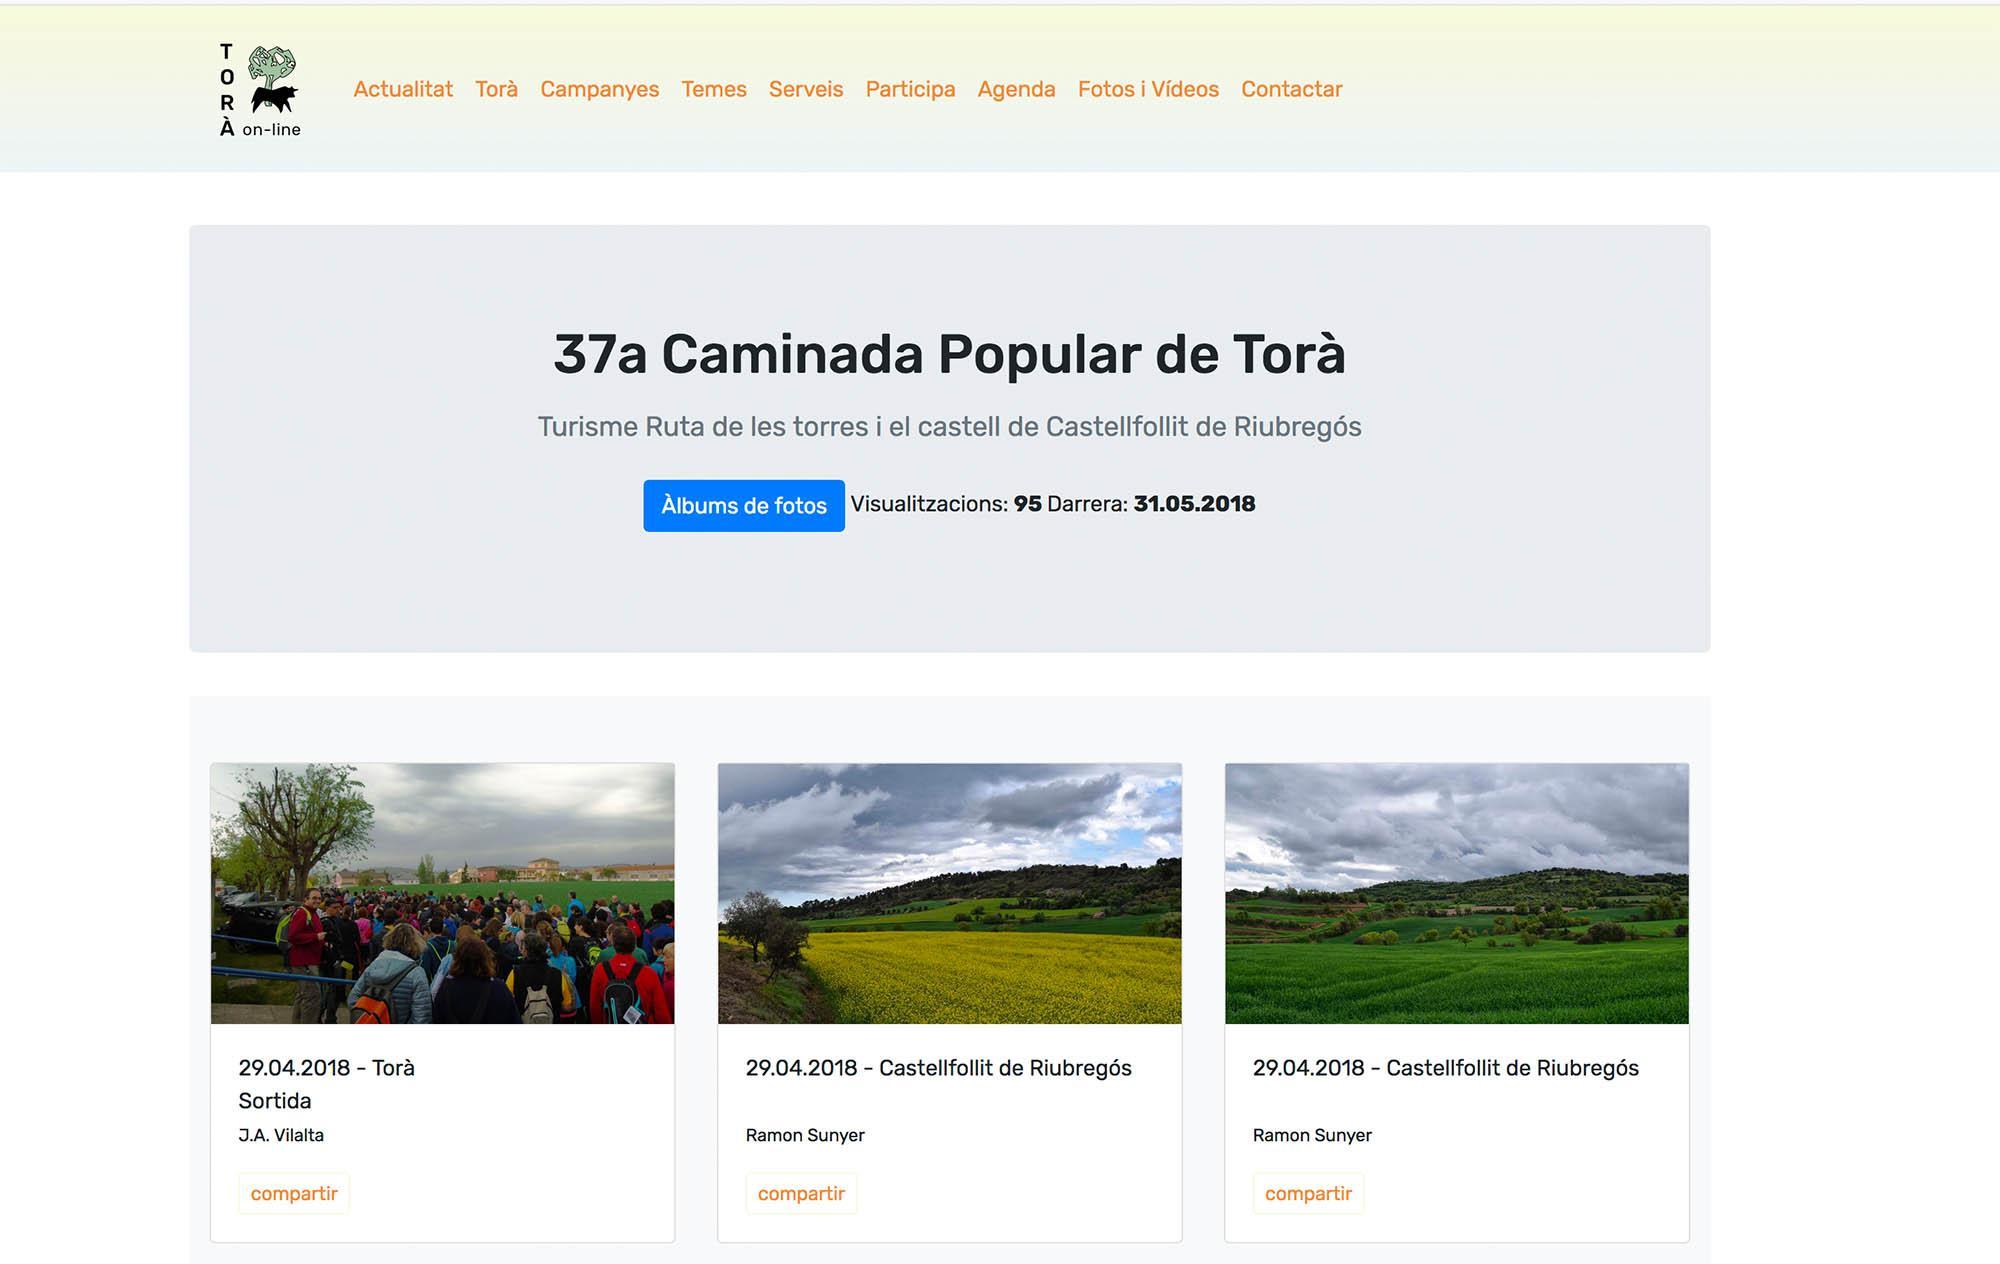 Torà on-line estrena una nova versió web